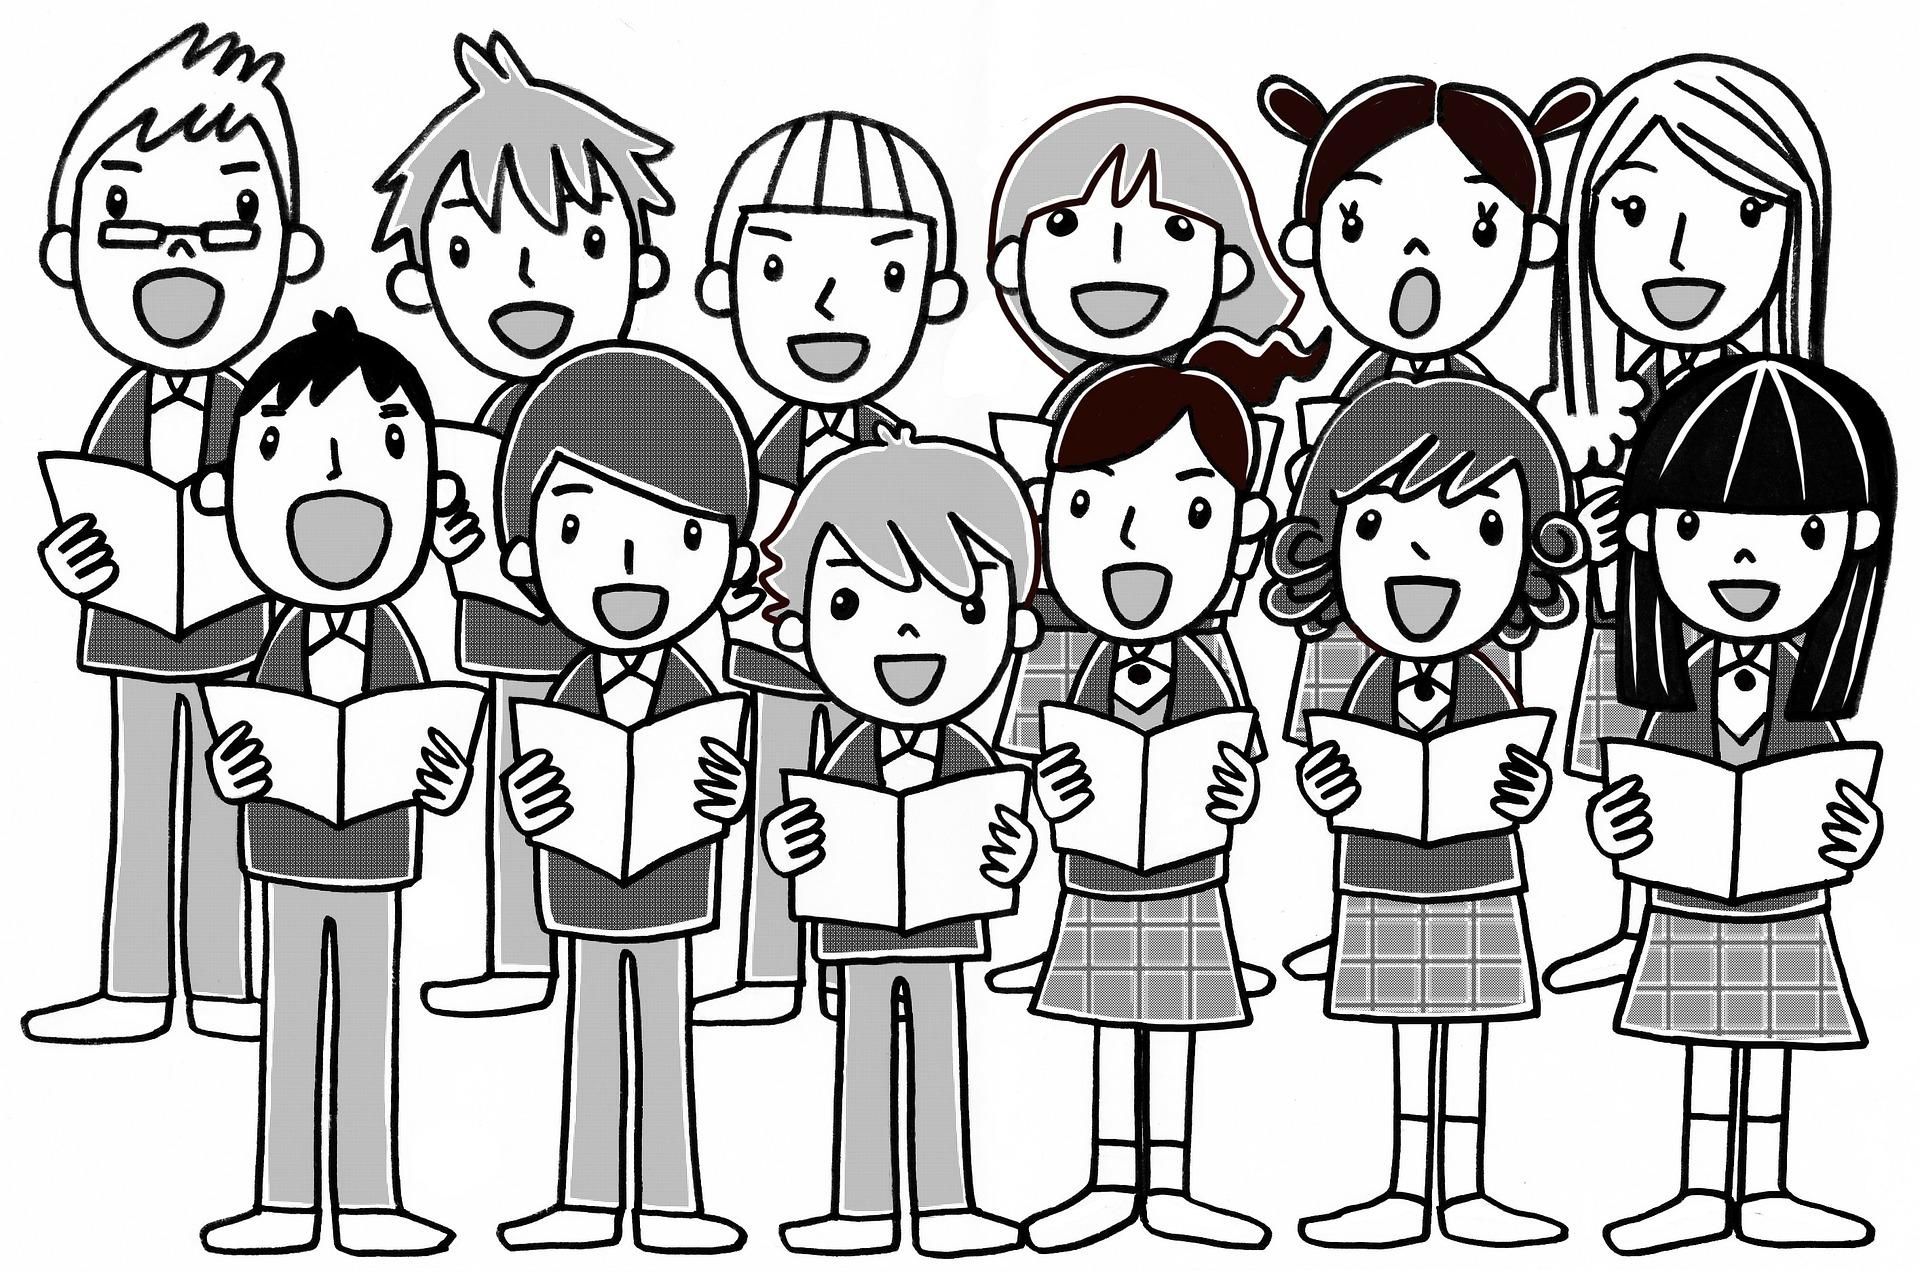 joonistatud pilt koorina laulvatest poistest ja tüdrukutest